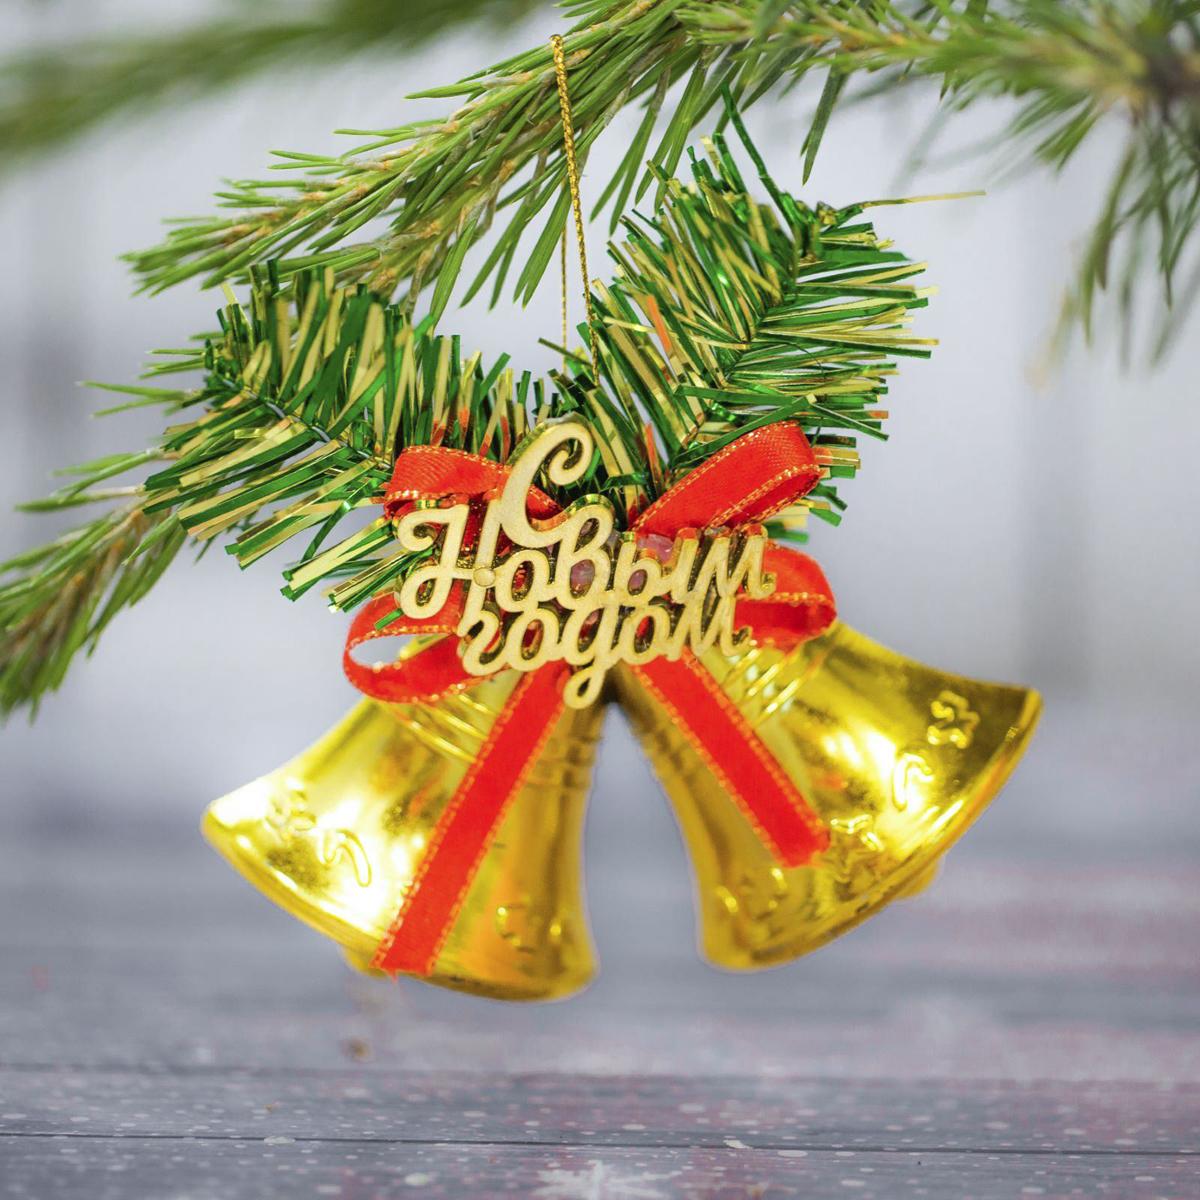 Новогоднее подвесное украшение Sima-land Колокольчик. С Новым годом, 9 х 6 см. 23067602306760Новогоднее подвесное украшение Sima-land отлично подойдет для декорации вашего дома и новогодней ели. Новогоднее украшение можно повесить в любом понравившемся вам месте. Но, конечно, удачнее всего оно будет смотреться на праздничной елке.Елочная игрушка - символ Нового года. Она несет в себе волшебство и красоту праздника. Такое украшение создаст в вашем доме атмосферу праздника, веселья и радости.